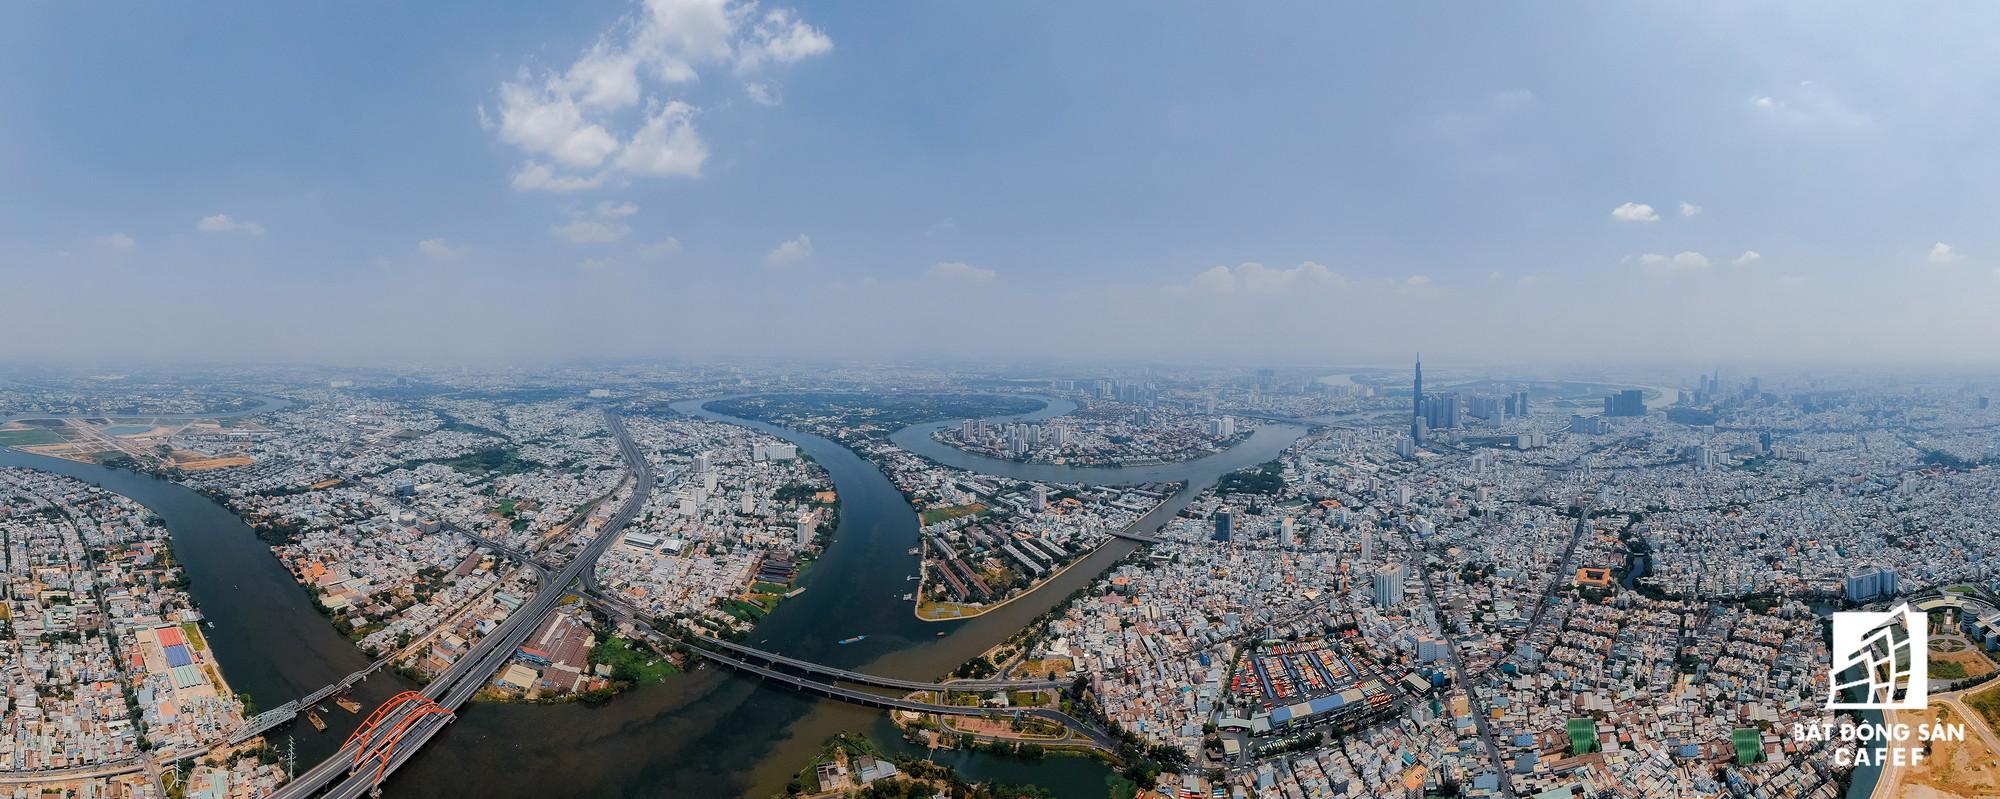 Diện mạo hai bờ sông Sài Gòn tương lai nhìn từ loạt siêu dự án tỷ đô, khu vực trung tâm giá nhà lên hơn 1 tỷ đồng/m2 - Ảnh 26.